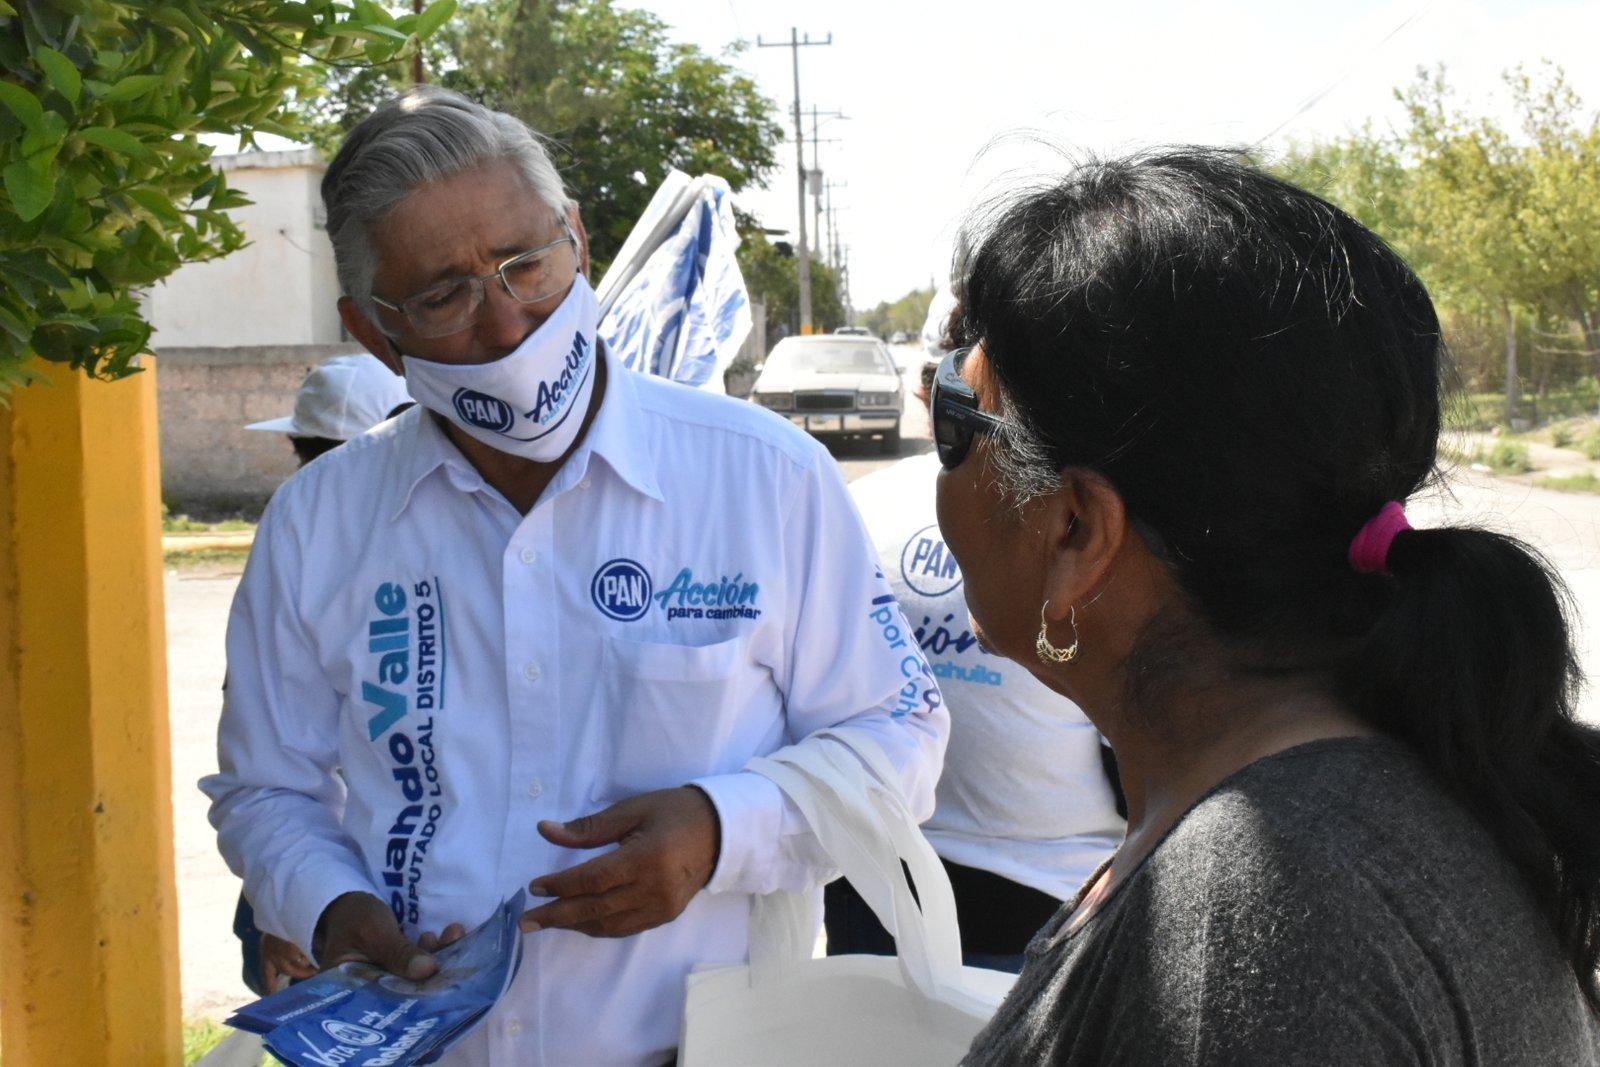 Basta de abusos y corrupciones: RVF